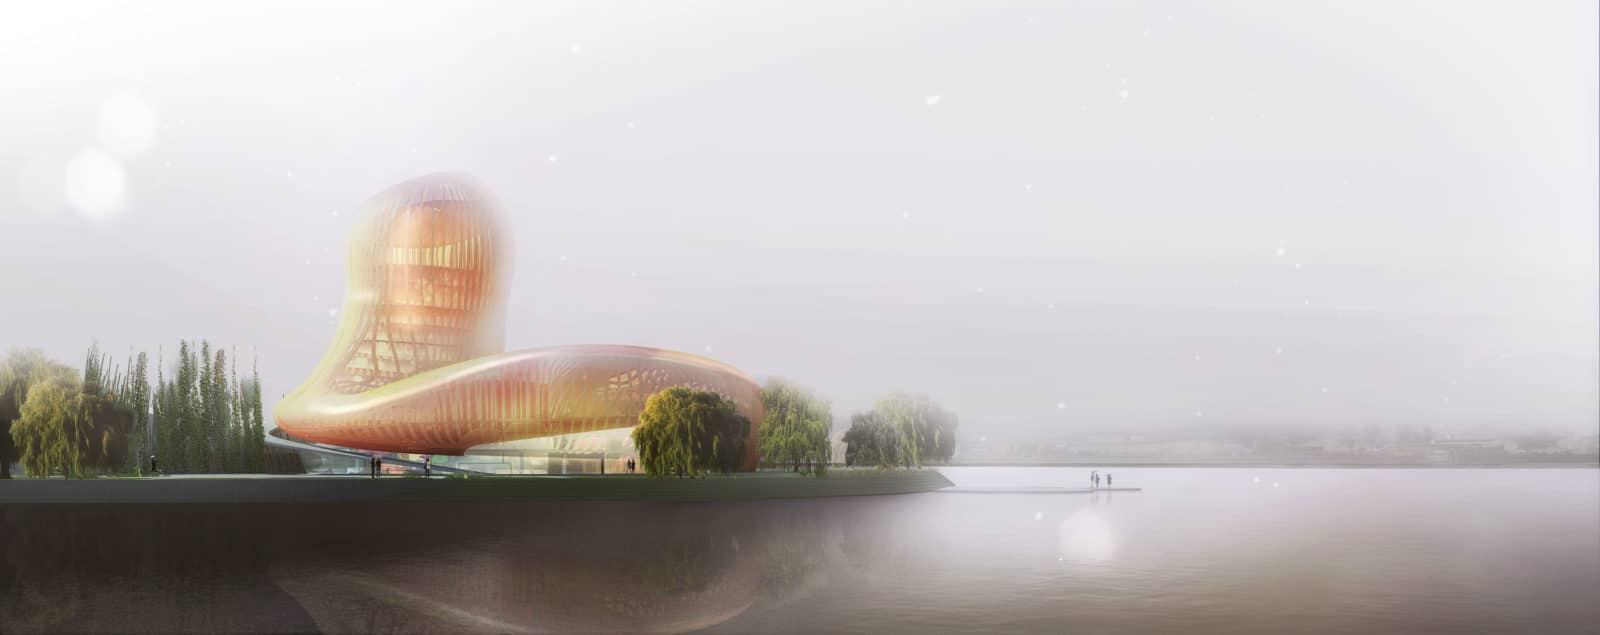 Centre culturel et touristique du vin bordeaux par x tu for Agence urbanisme paysage bordeaux